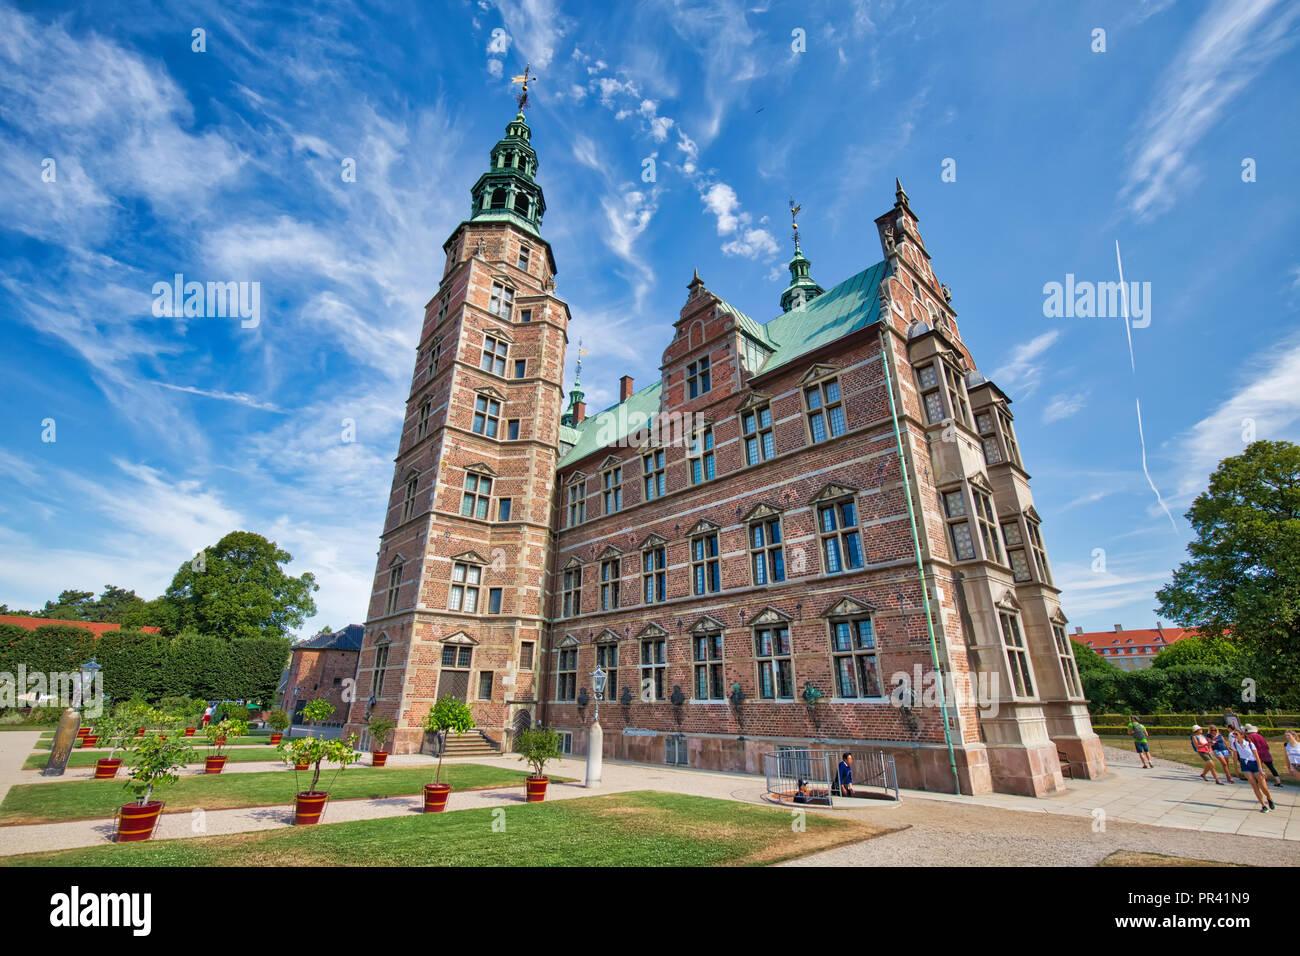 Copenhagen, Denmark-3 August, 2018: Famous Rosenborg castle, one of the most visited castles in Copenhagen - Stock Image